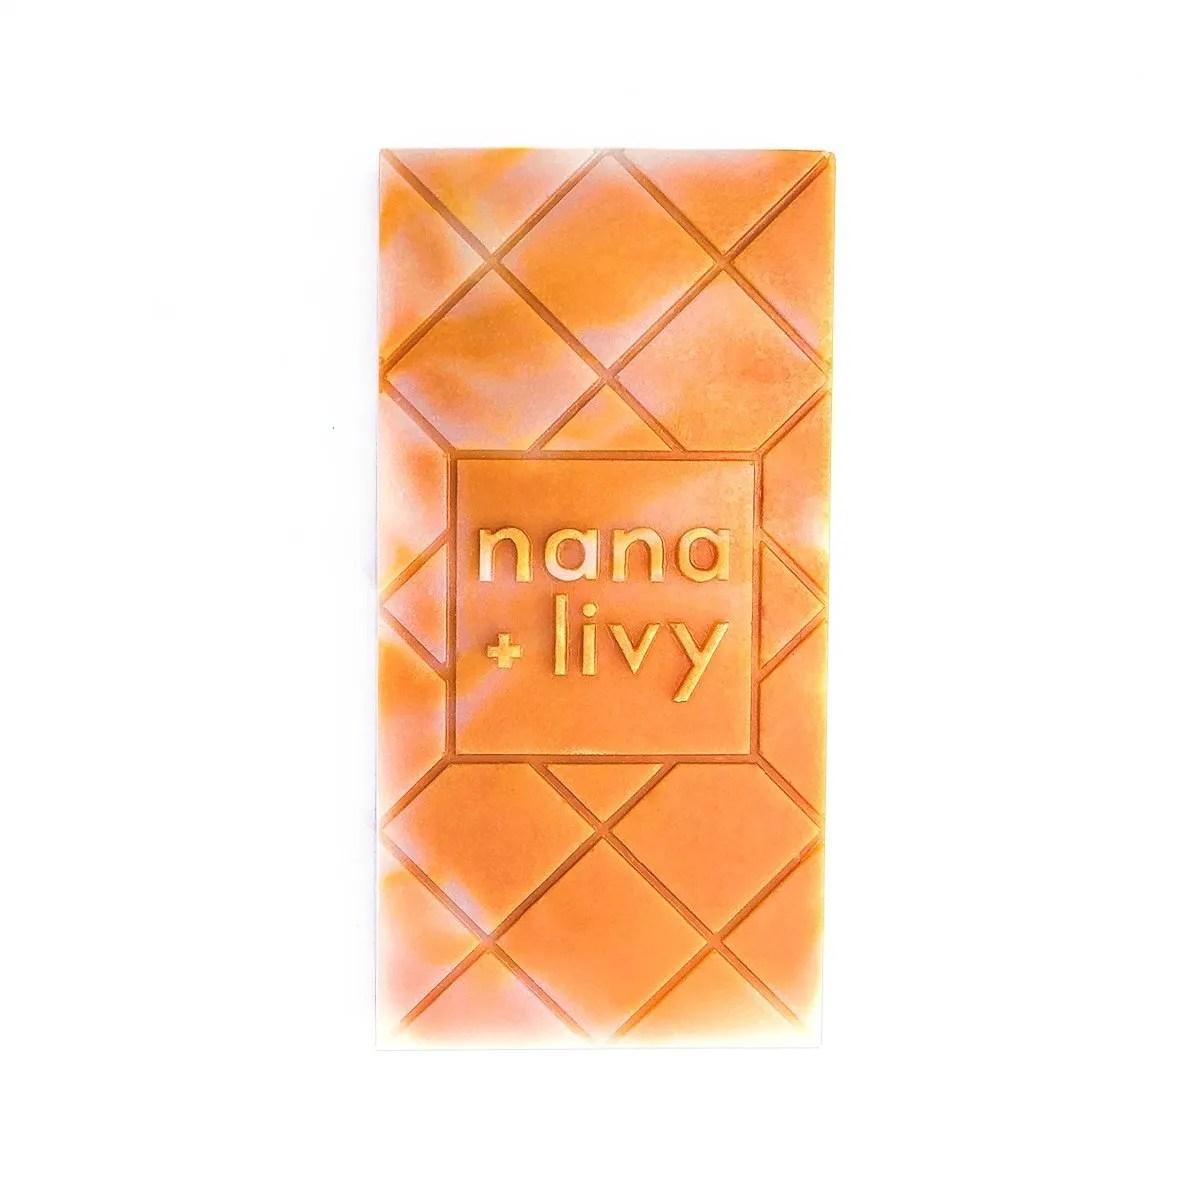 mango choco soap